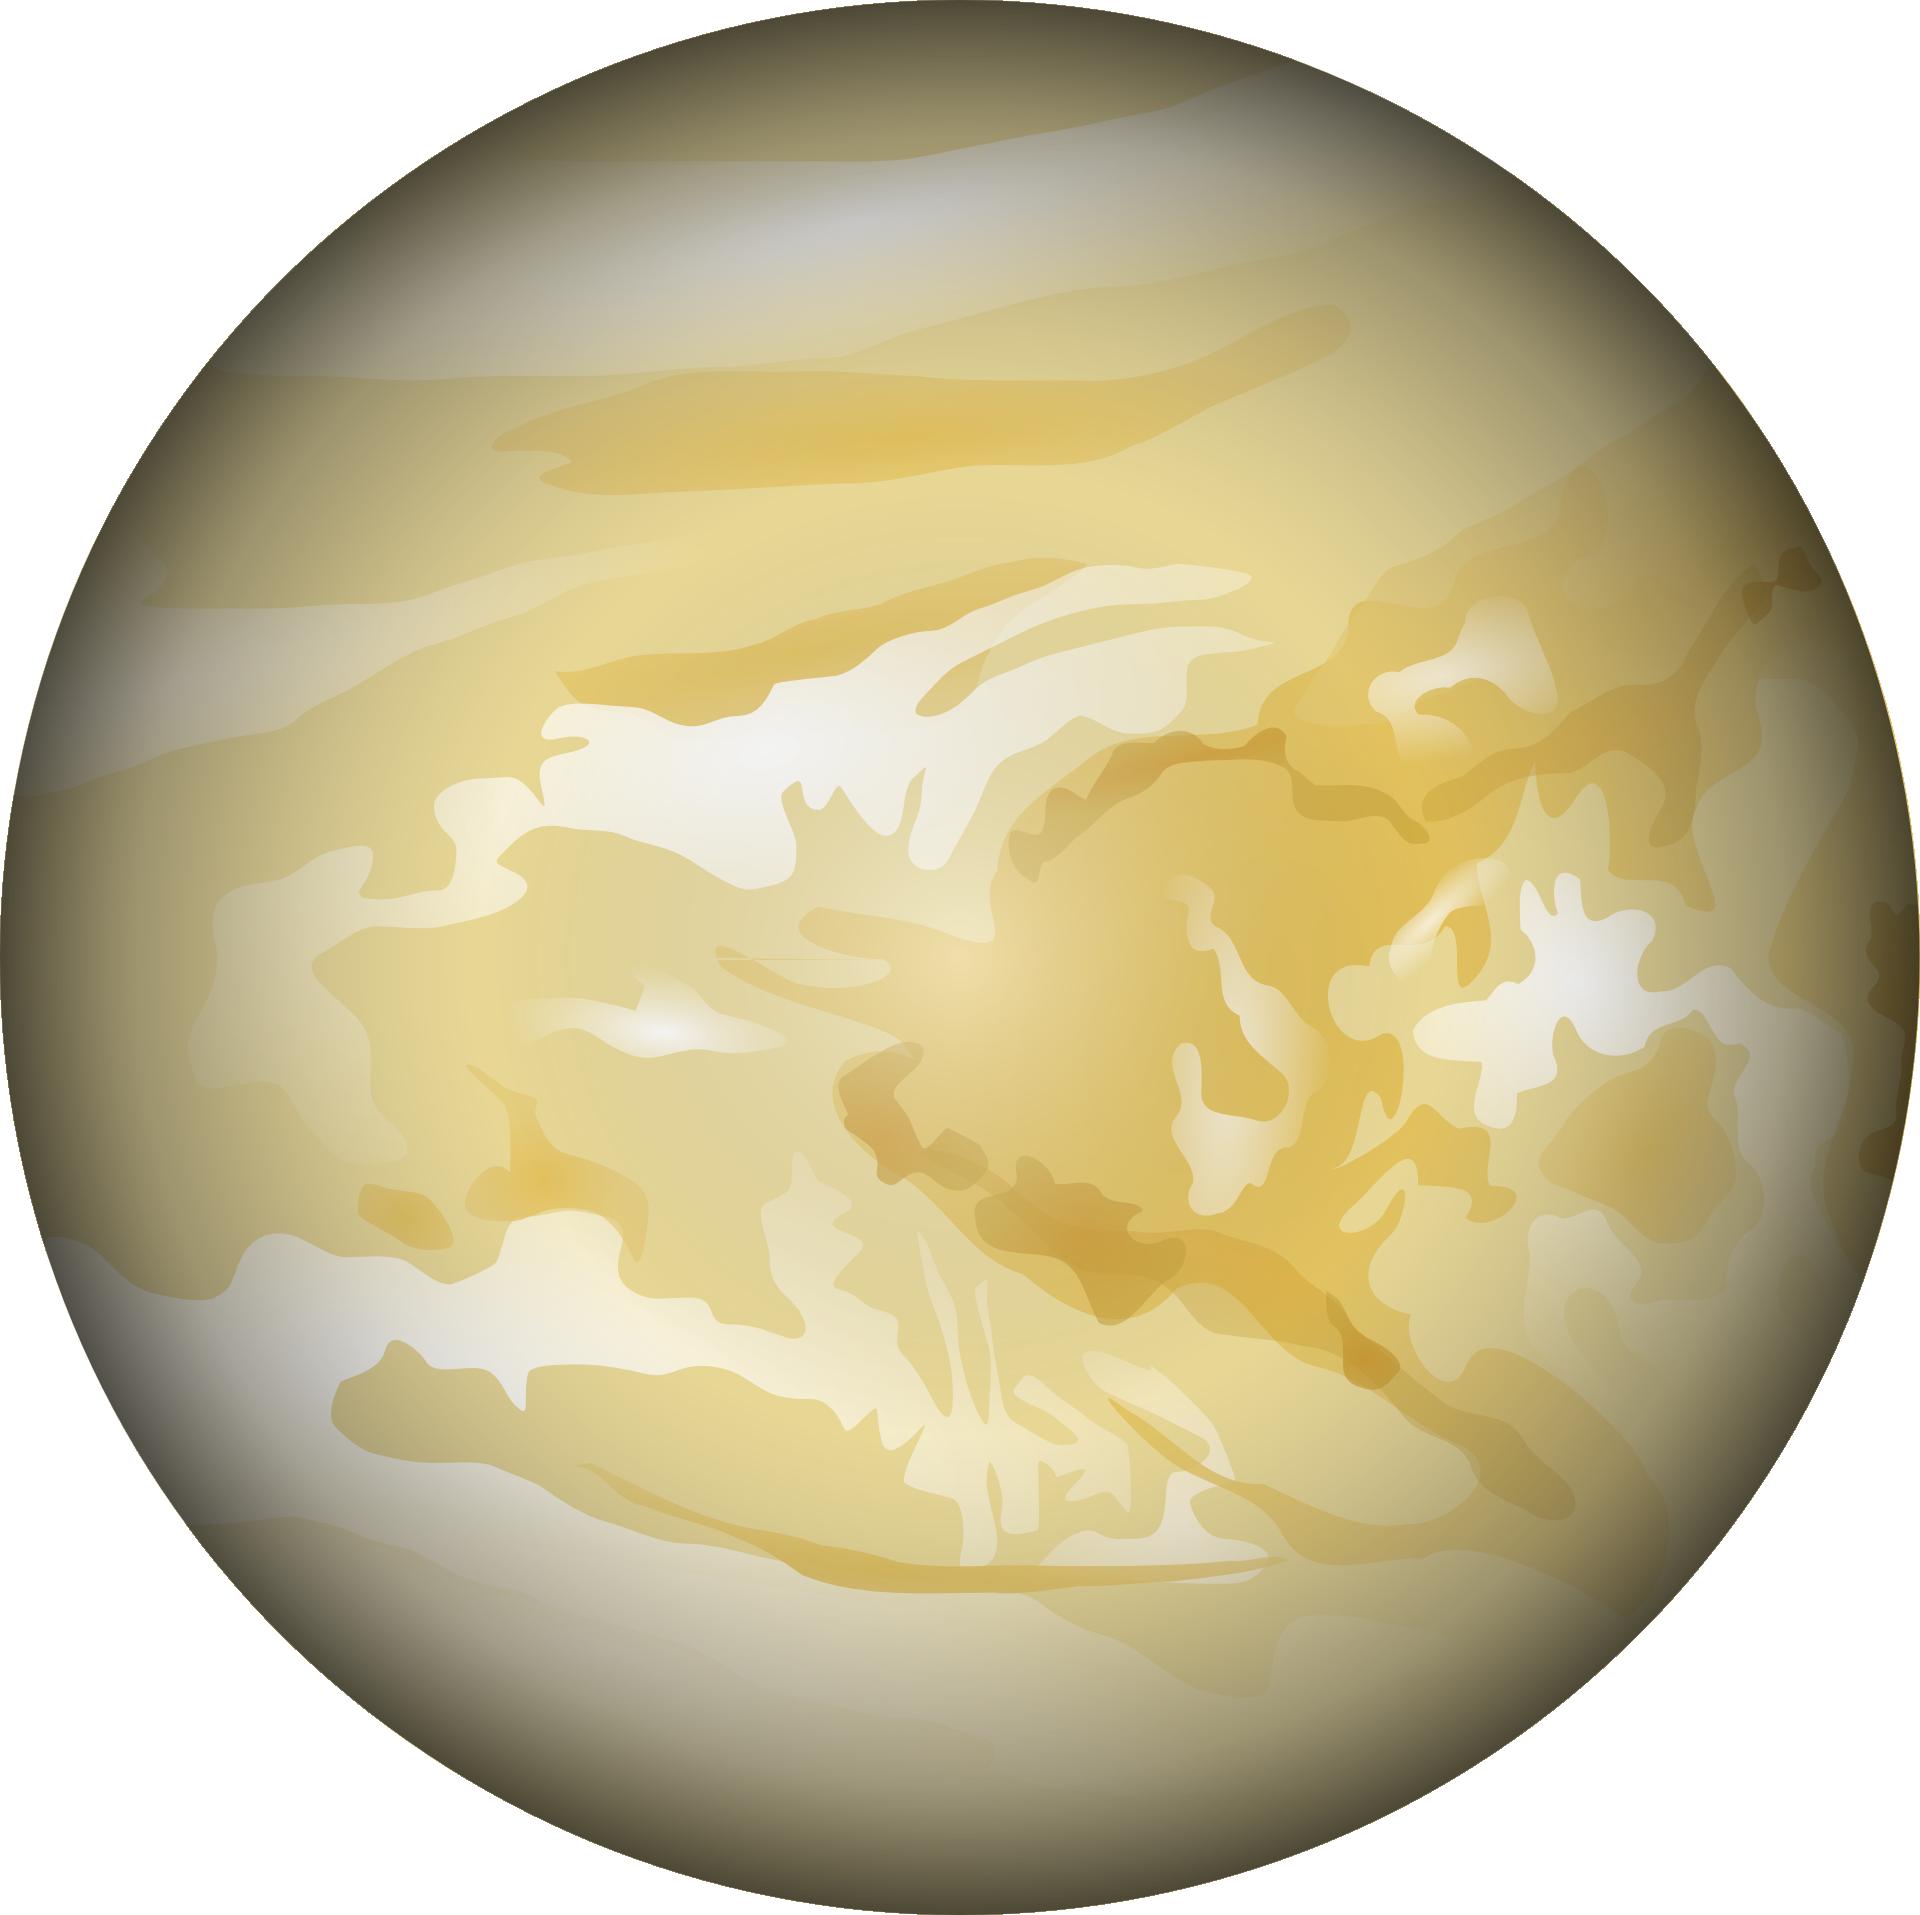 graphic freeuse download Venus de Milo Planet Clip art